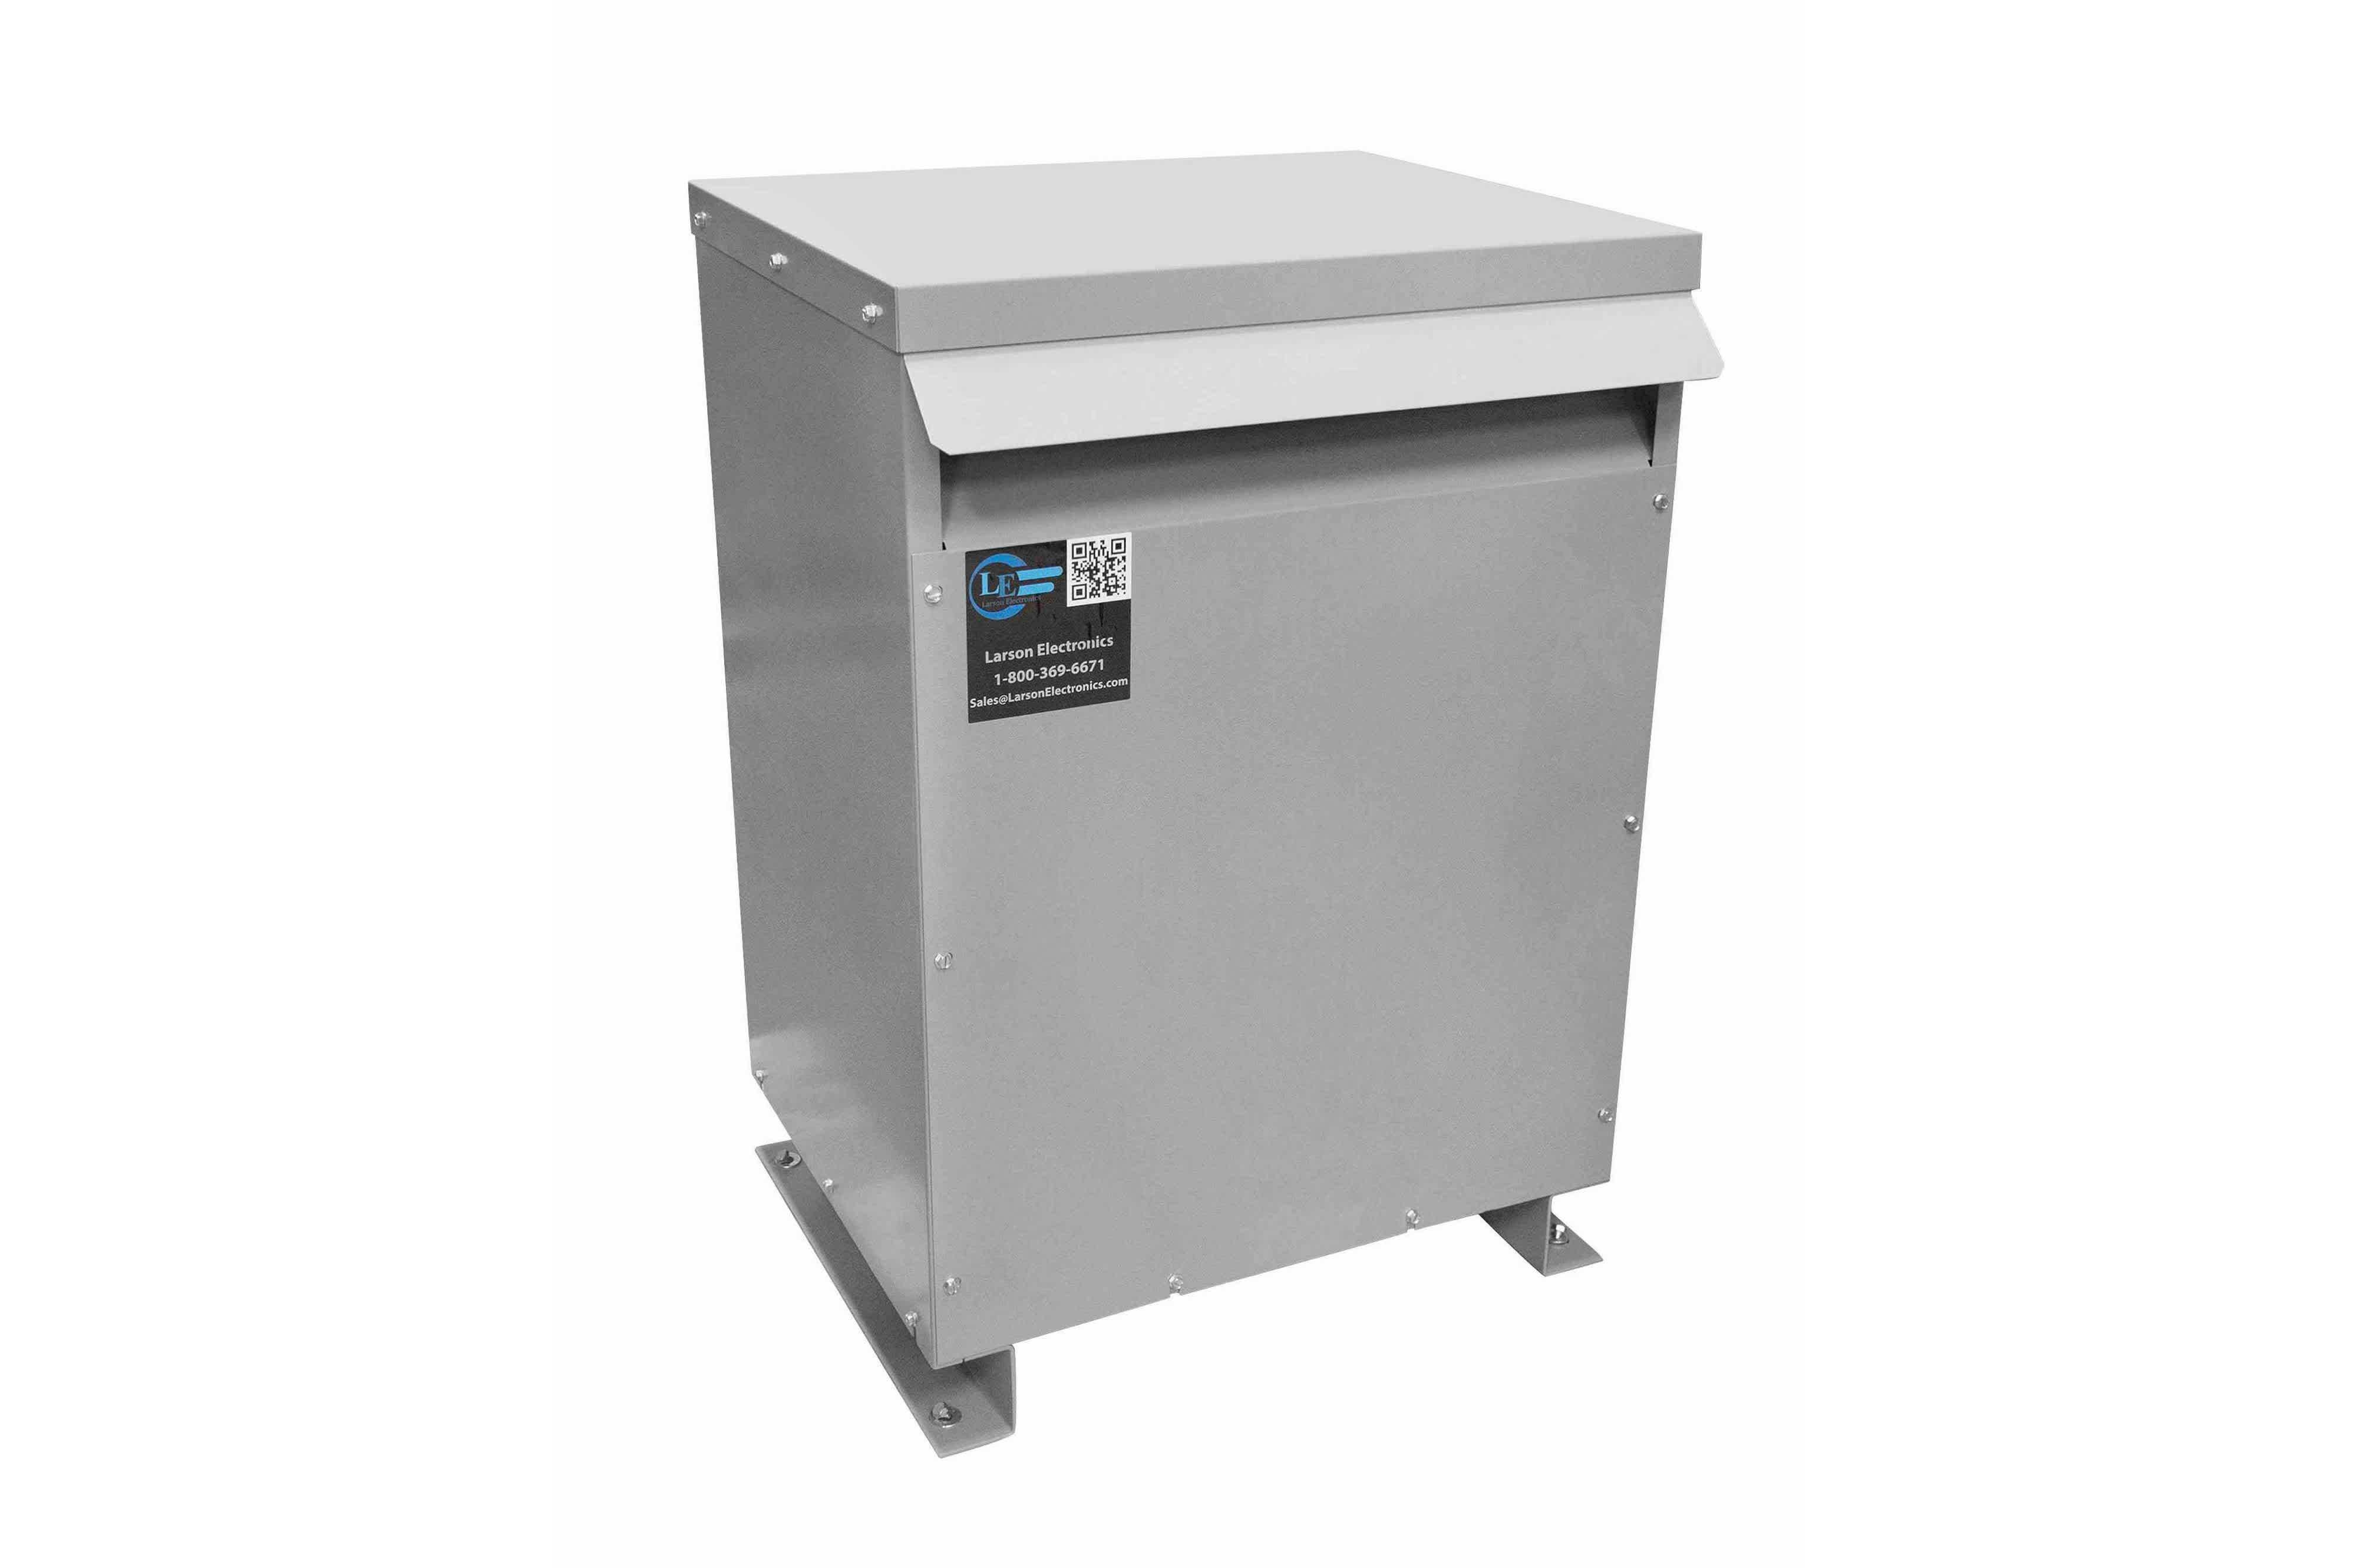 35 kVA 3PH Isolation Transformer, 460V Delta Primary, 208V Delta Secondary, N3R, Ventilated, 60 Hz